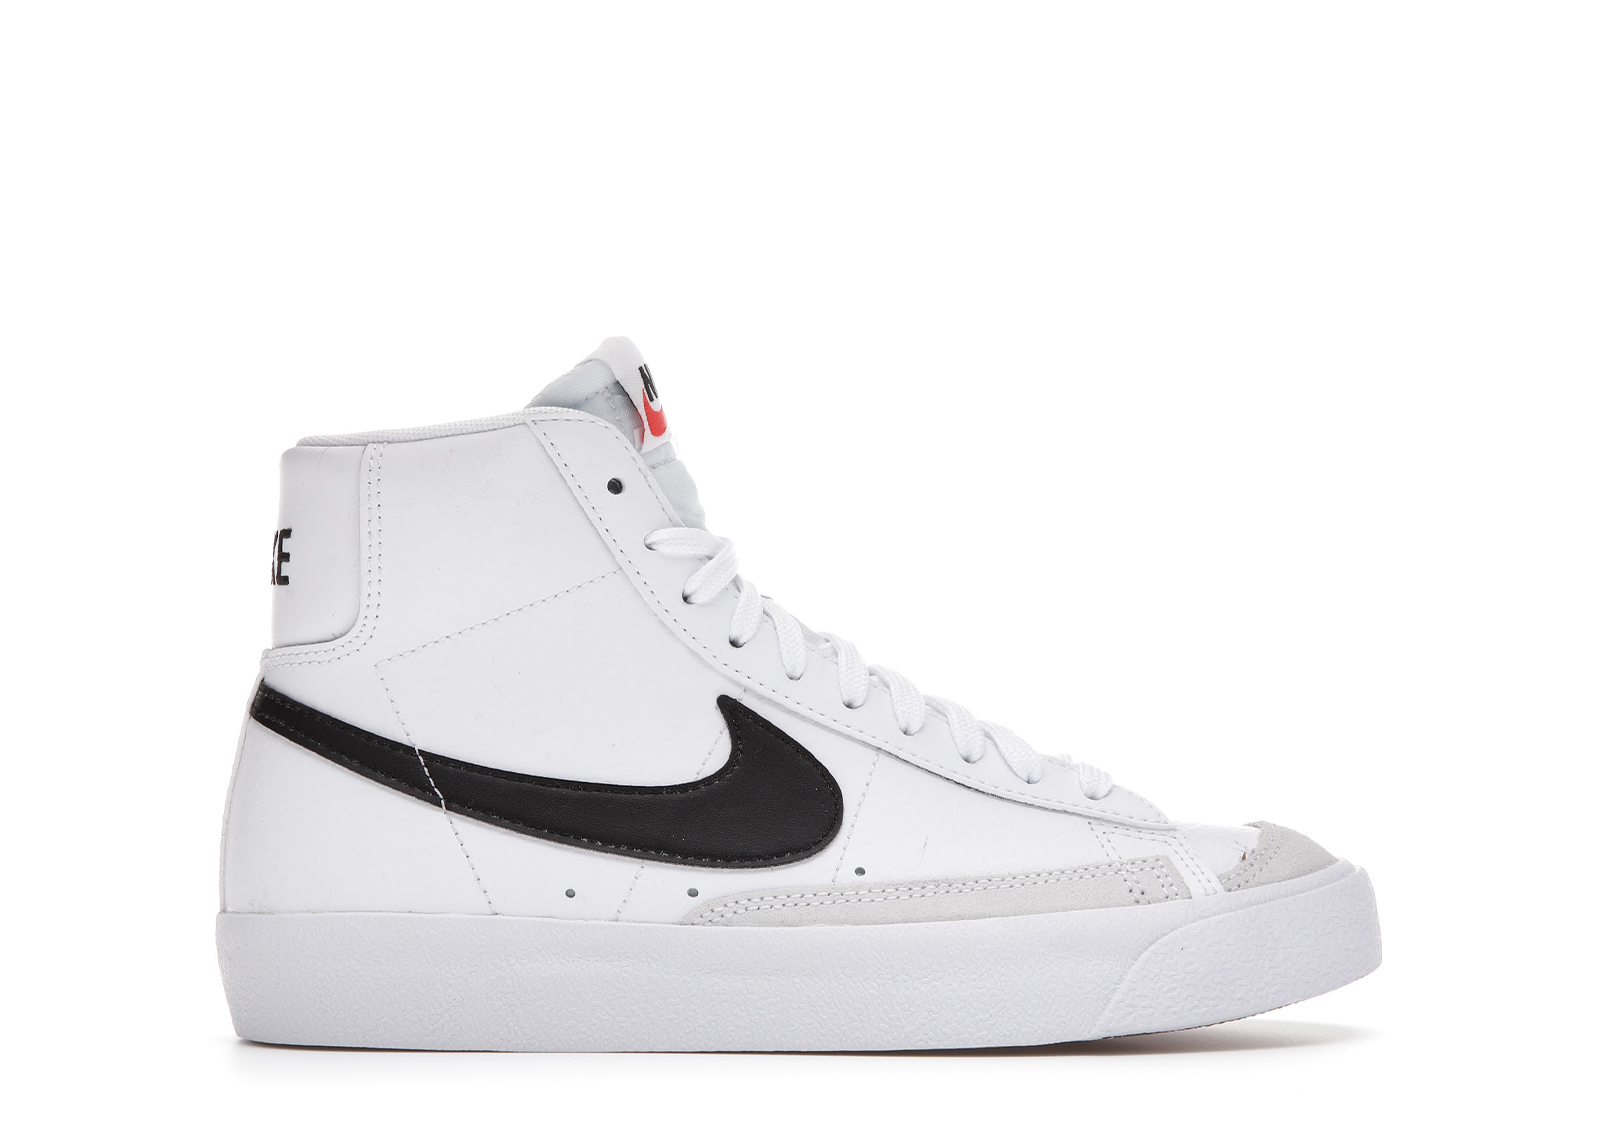 Nike Blazer Mid 77 White Black (GS) - DA4086-100